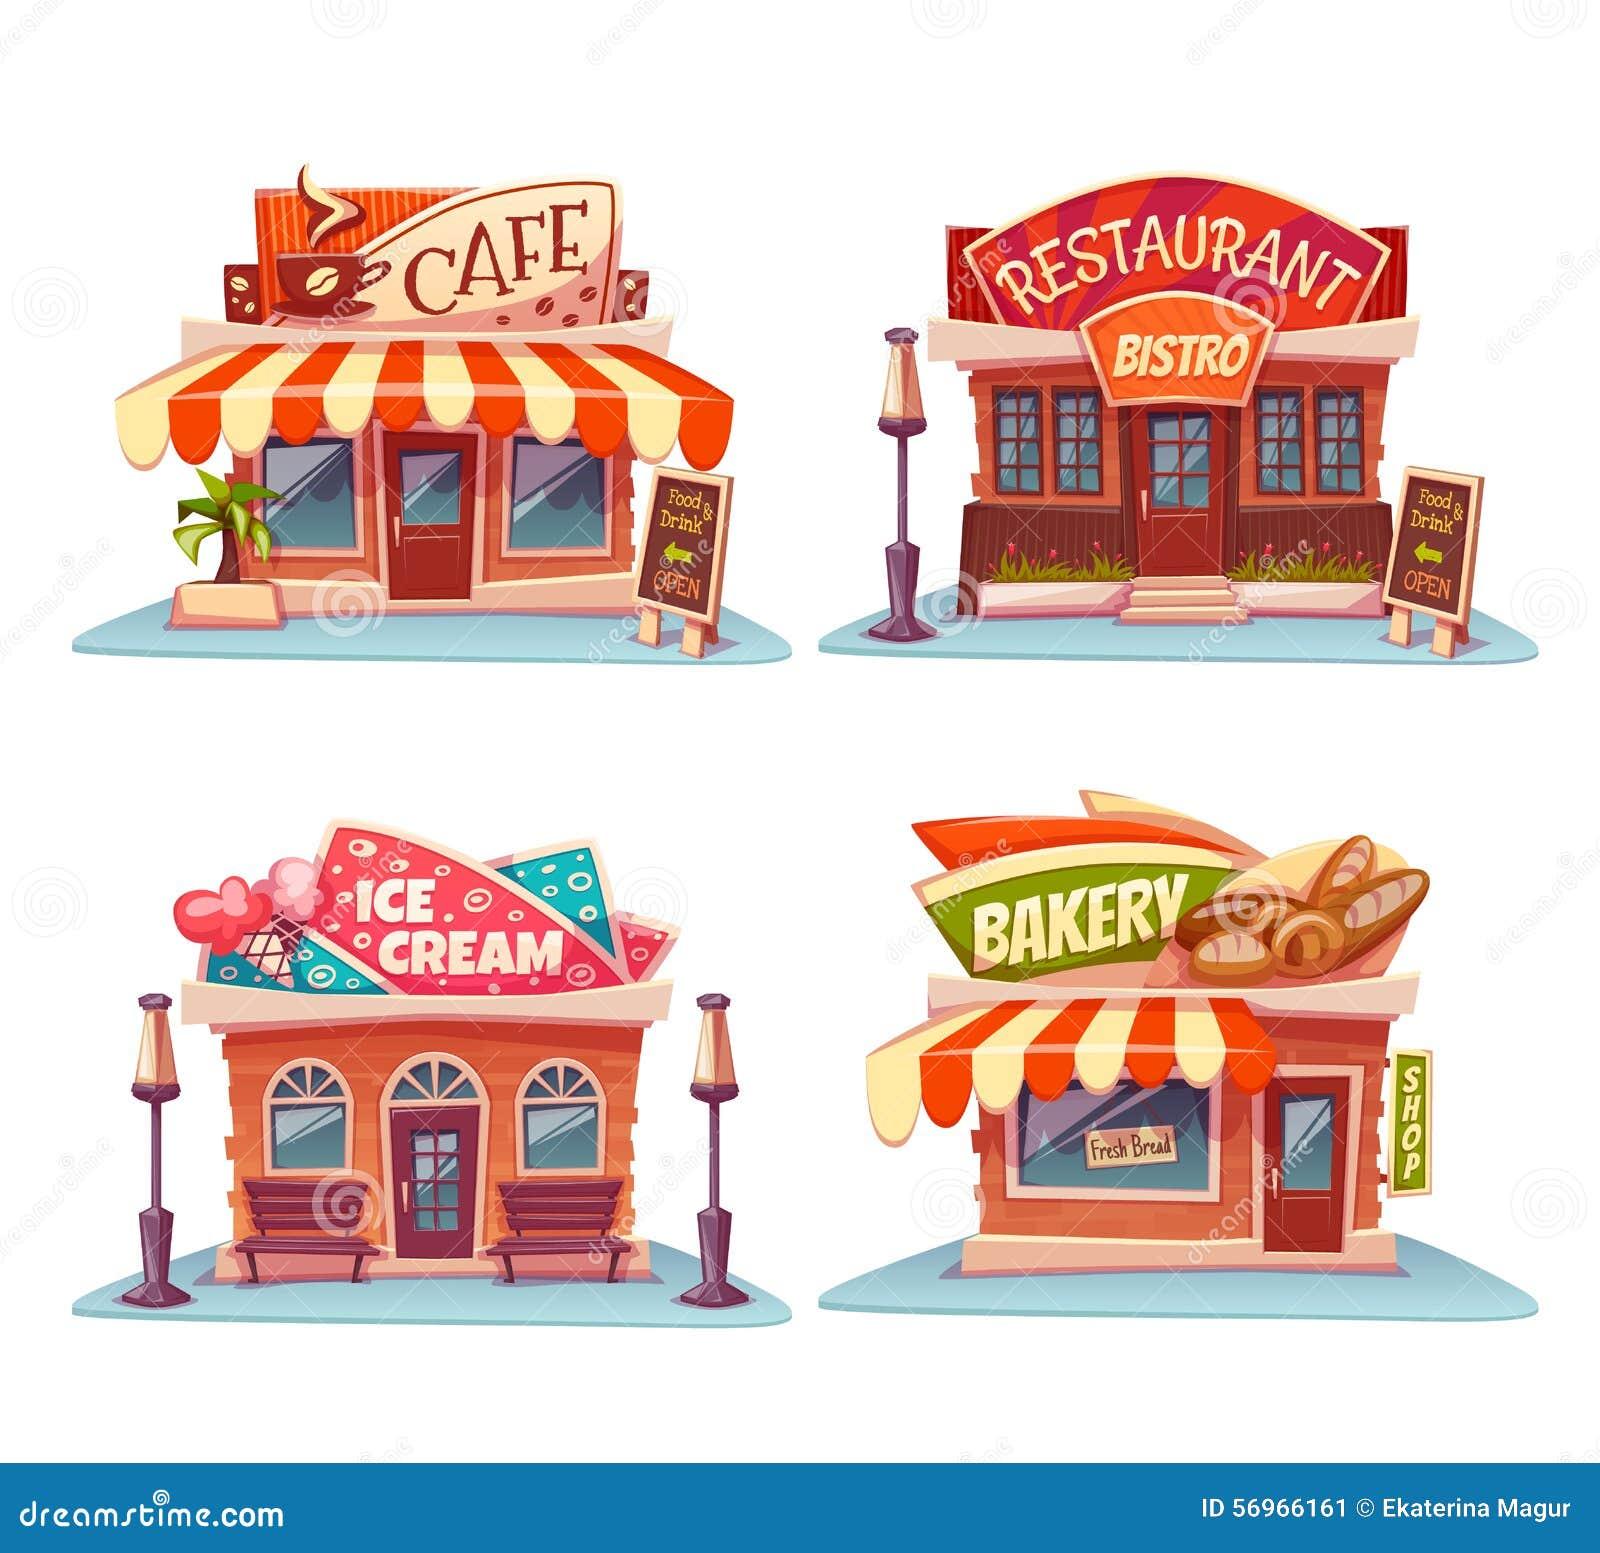 Cafe, Restaurant, Ice-cream Shop And Bakery Cartoon Vector ...